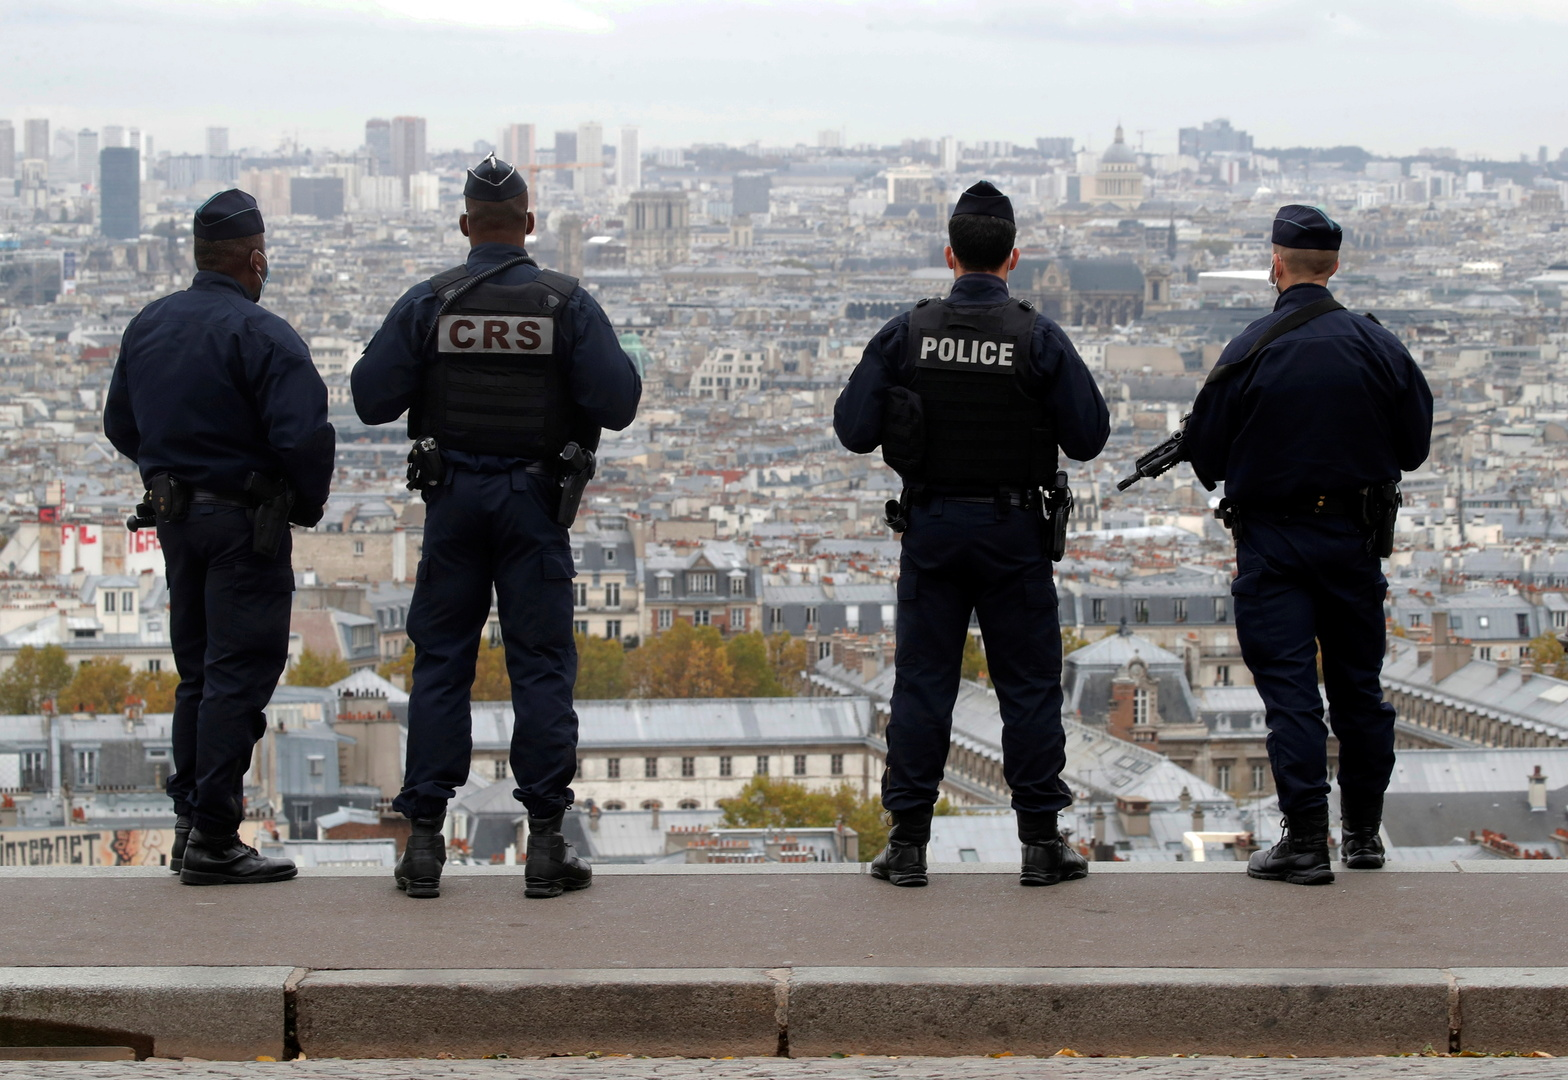 السلطات الفرنسية تلقي القبض على شخص ثالث لصلته بـ